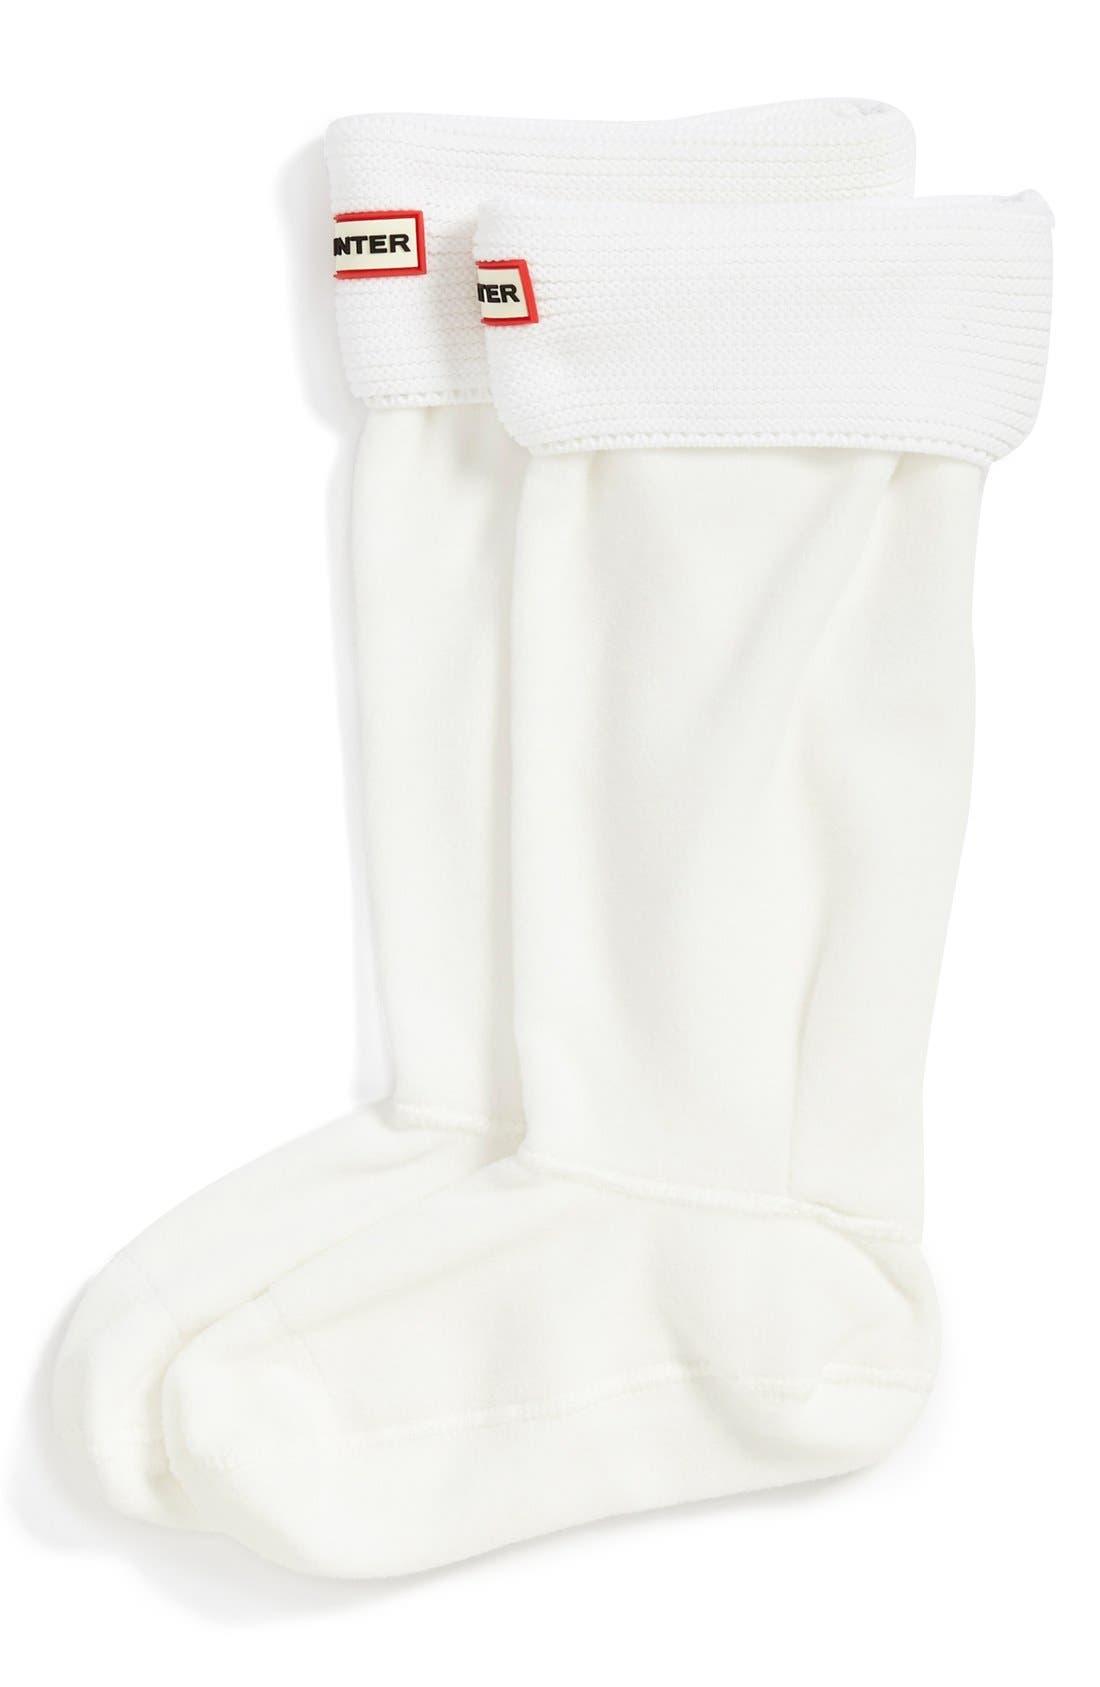 Alternate Image 1 Selected - Hunter 'Garter Cuff' Fleece Boot Socks  (Nordstrom Exclusive)